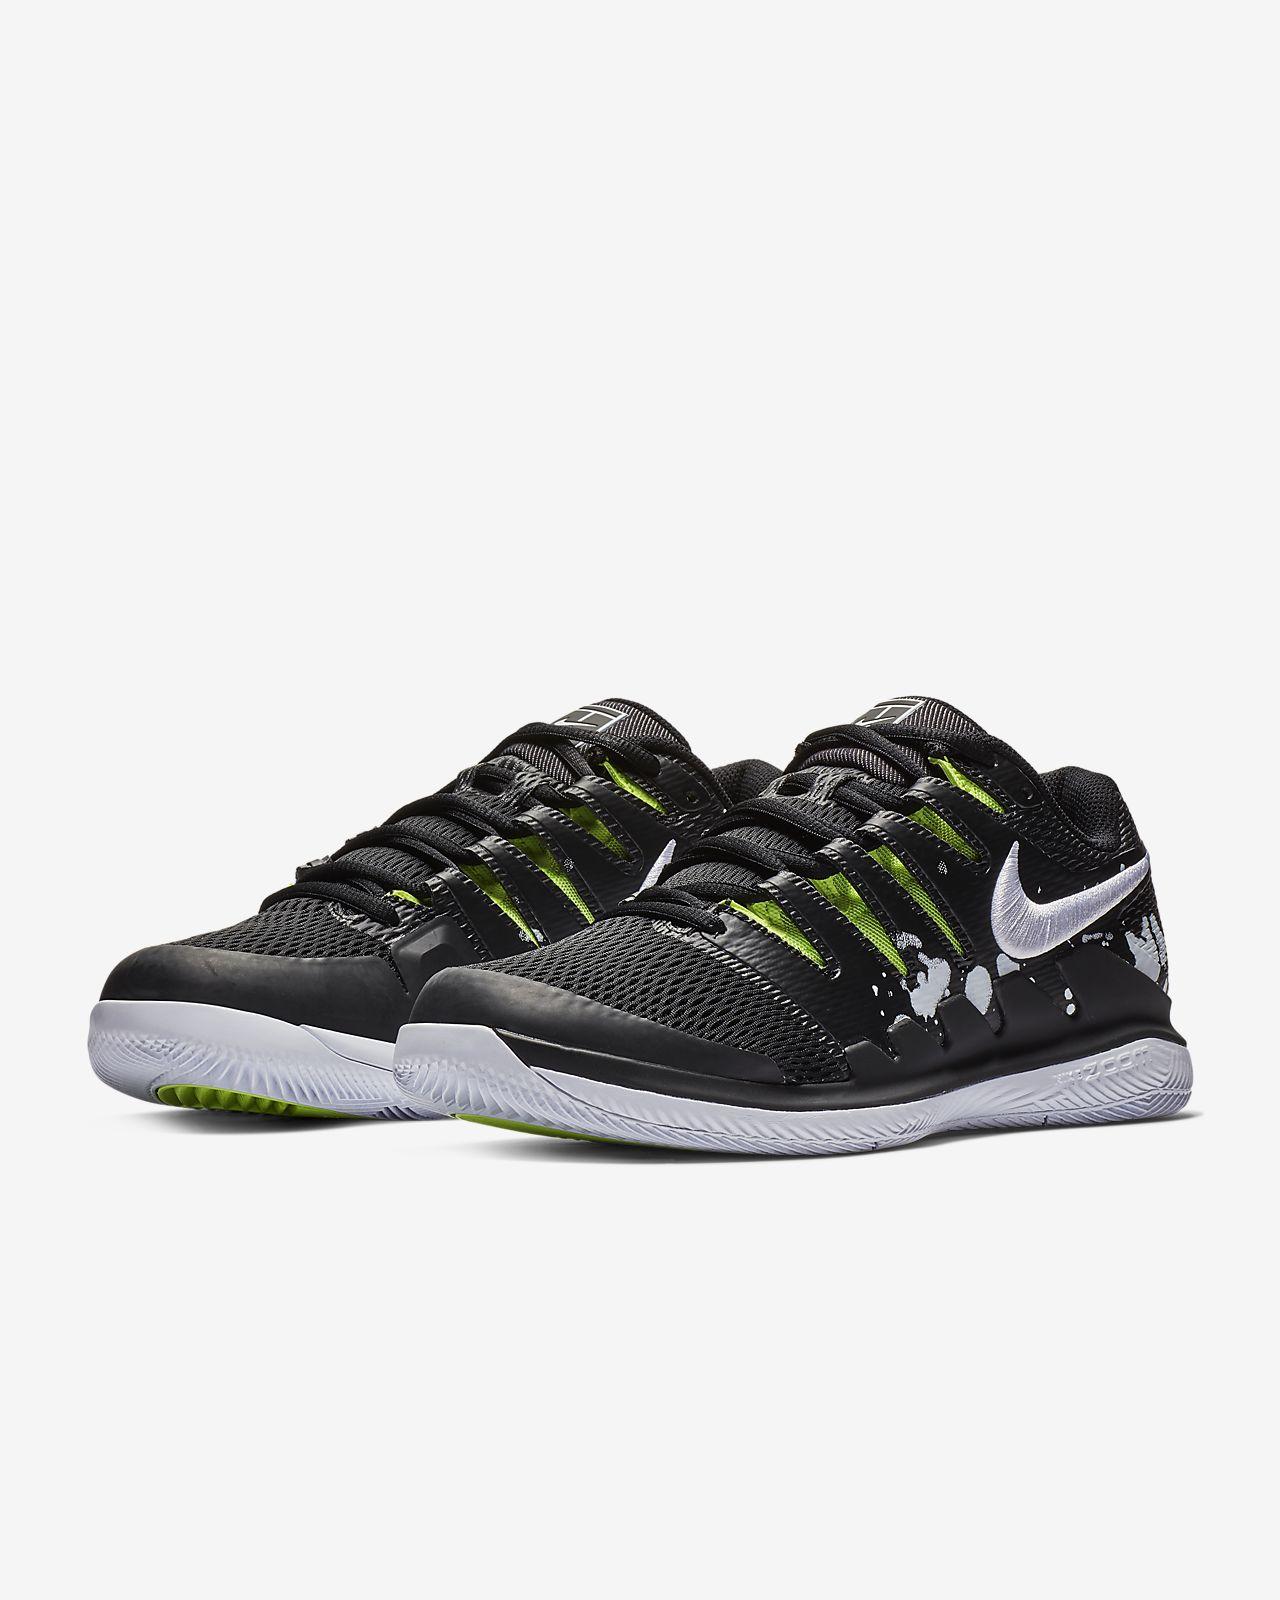 fefb4eefa2c1 ... NikeCourt Air Zoom Vapor X Premium Hard Court Tennisschoen voor heren